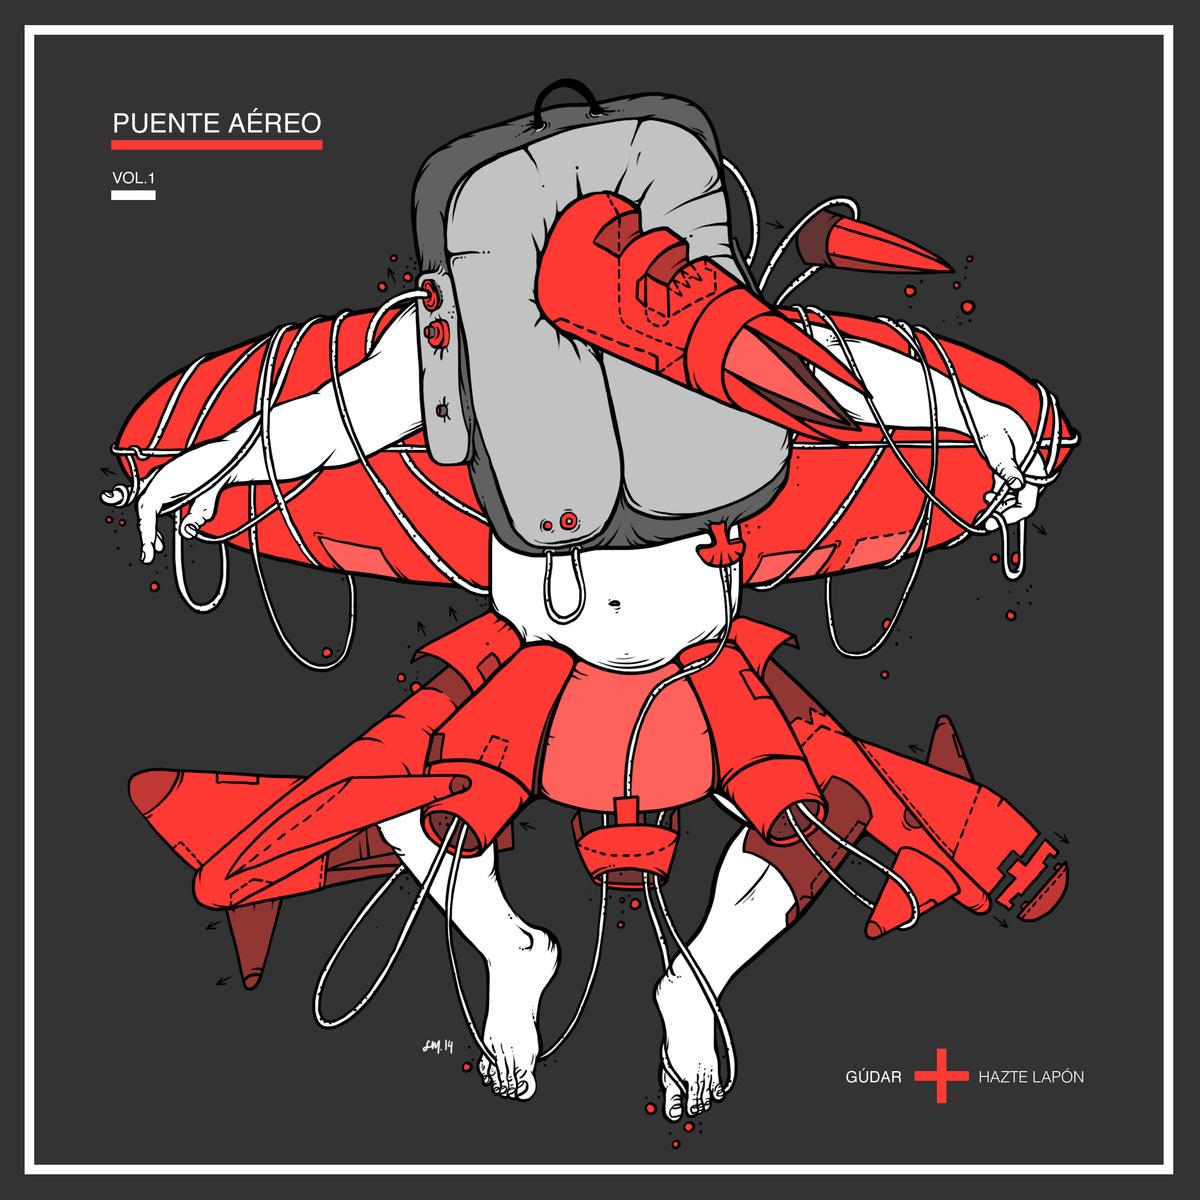 portada del album Puente Aéreo vol.1: Gúdar + Hazte Lapón